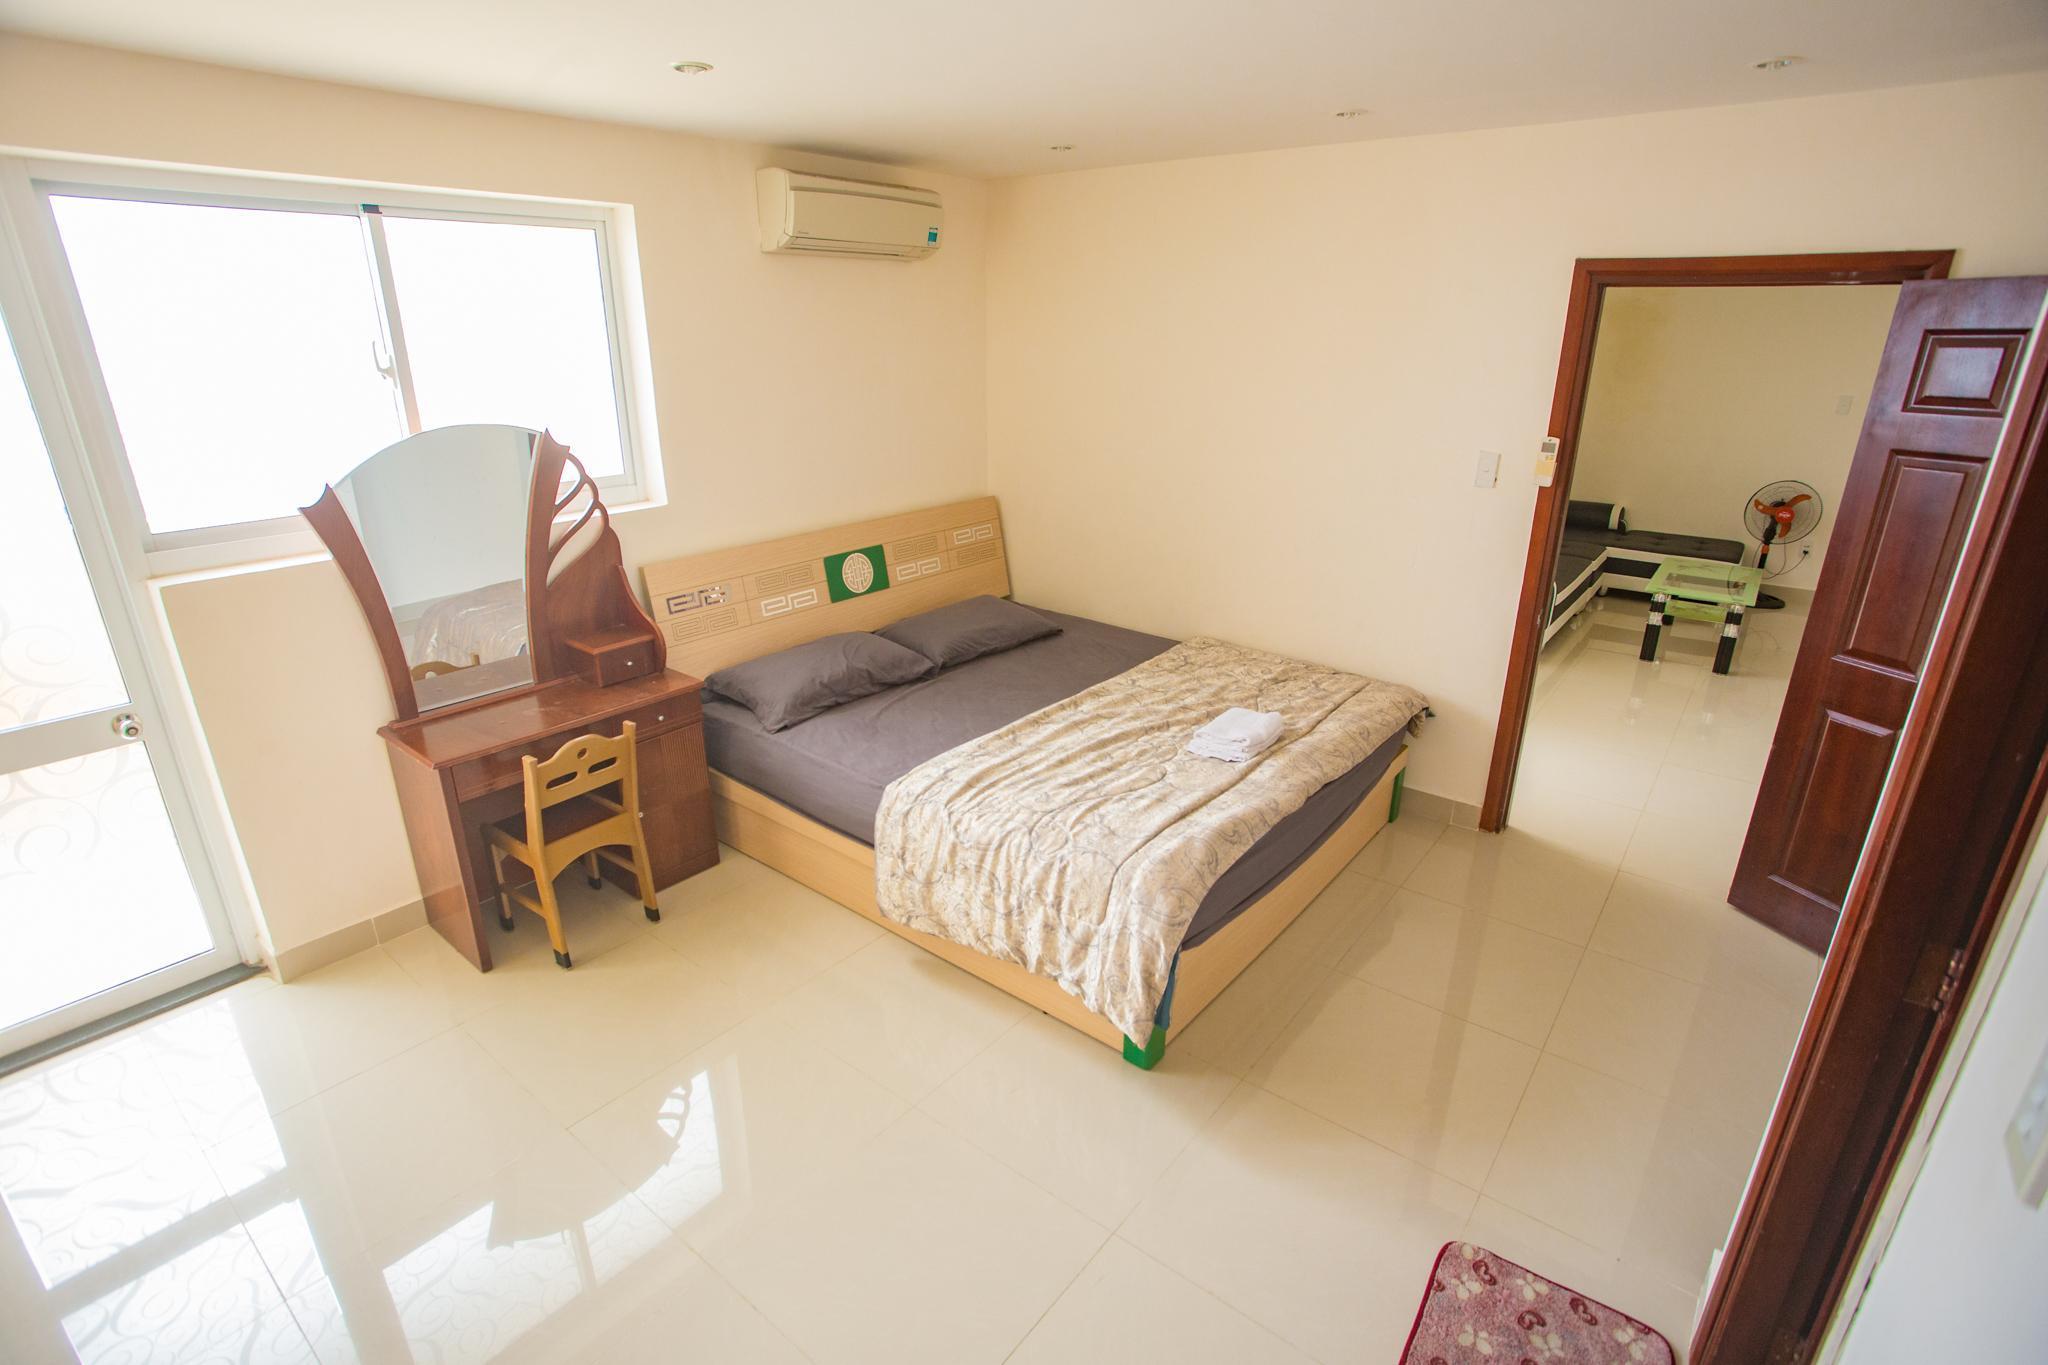 Osc Residence A1901